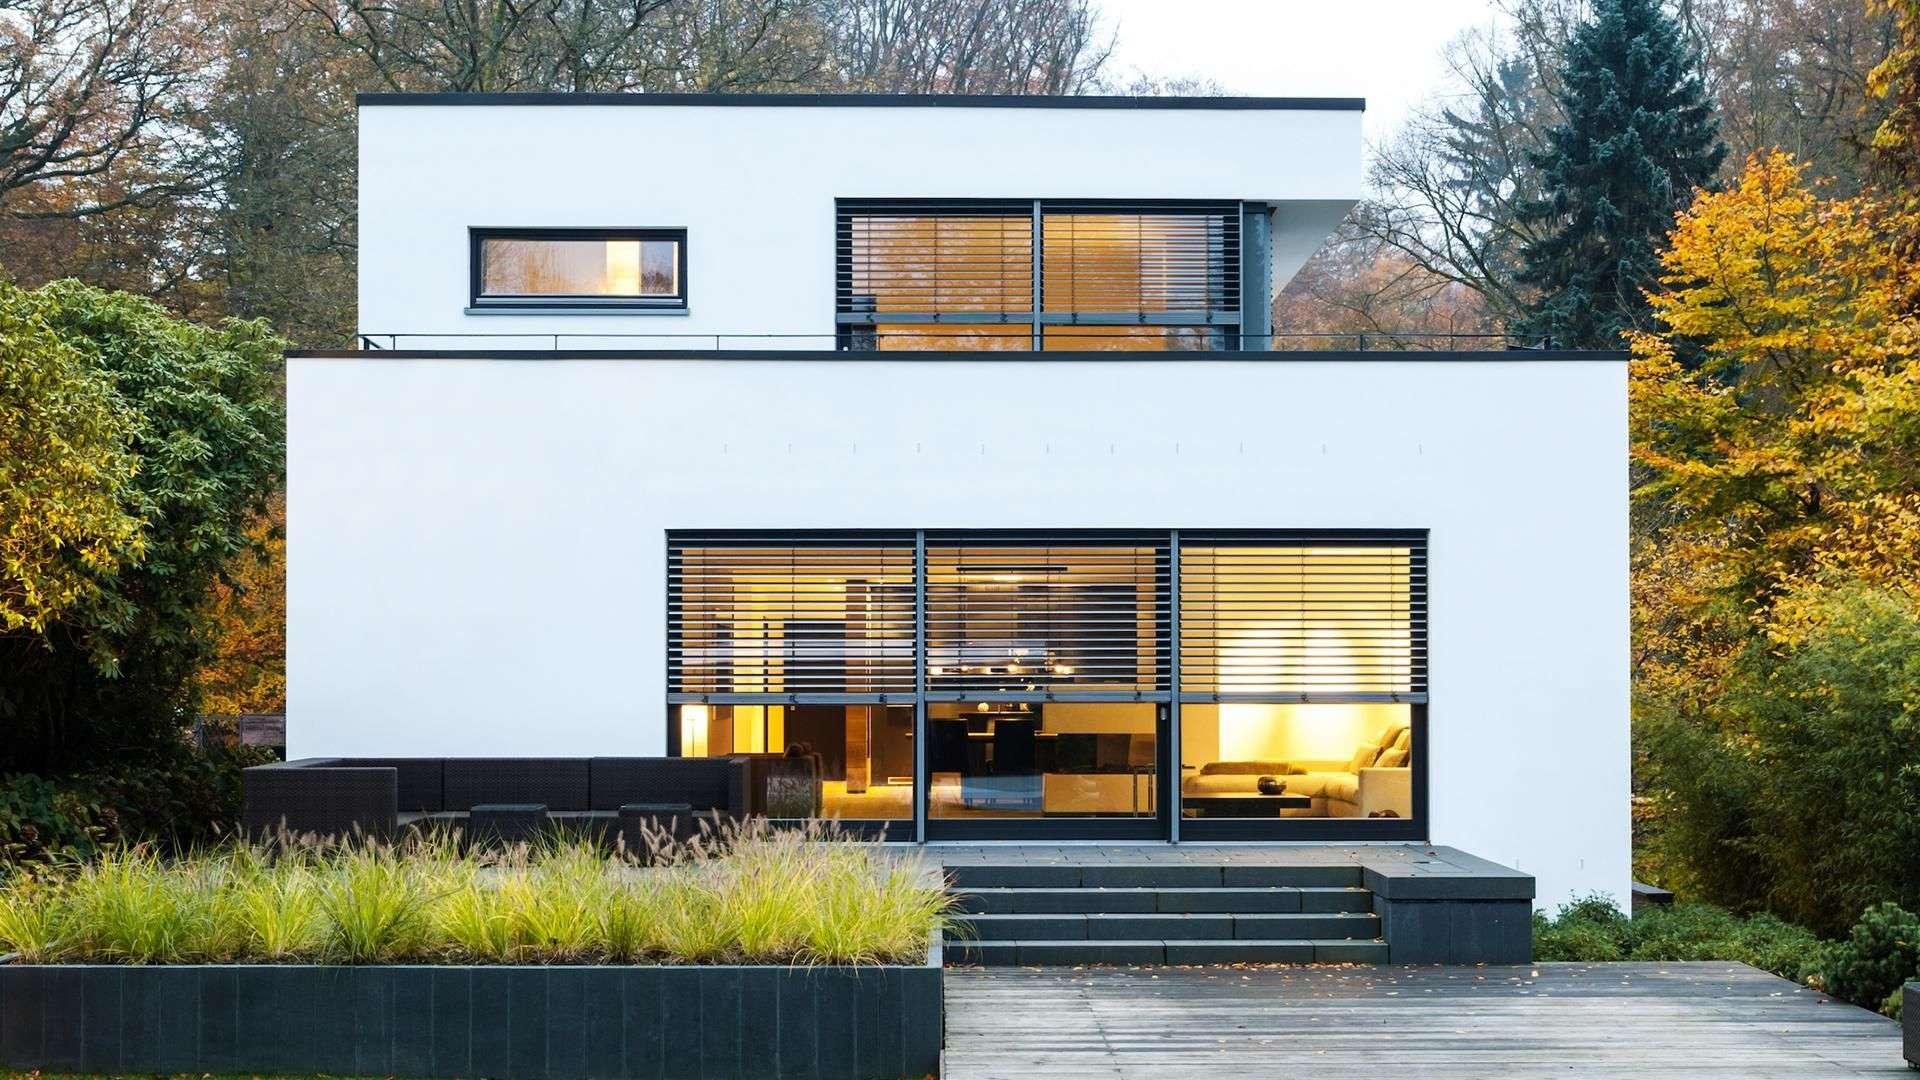 Flachdachhaus mit Wald mit Beschattungsmarkisen vor den Fenstern